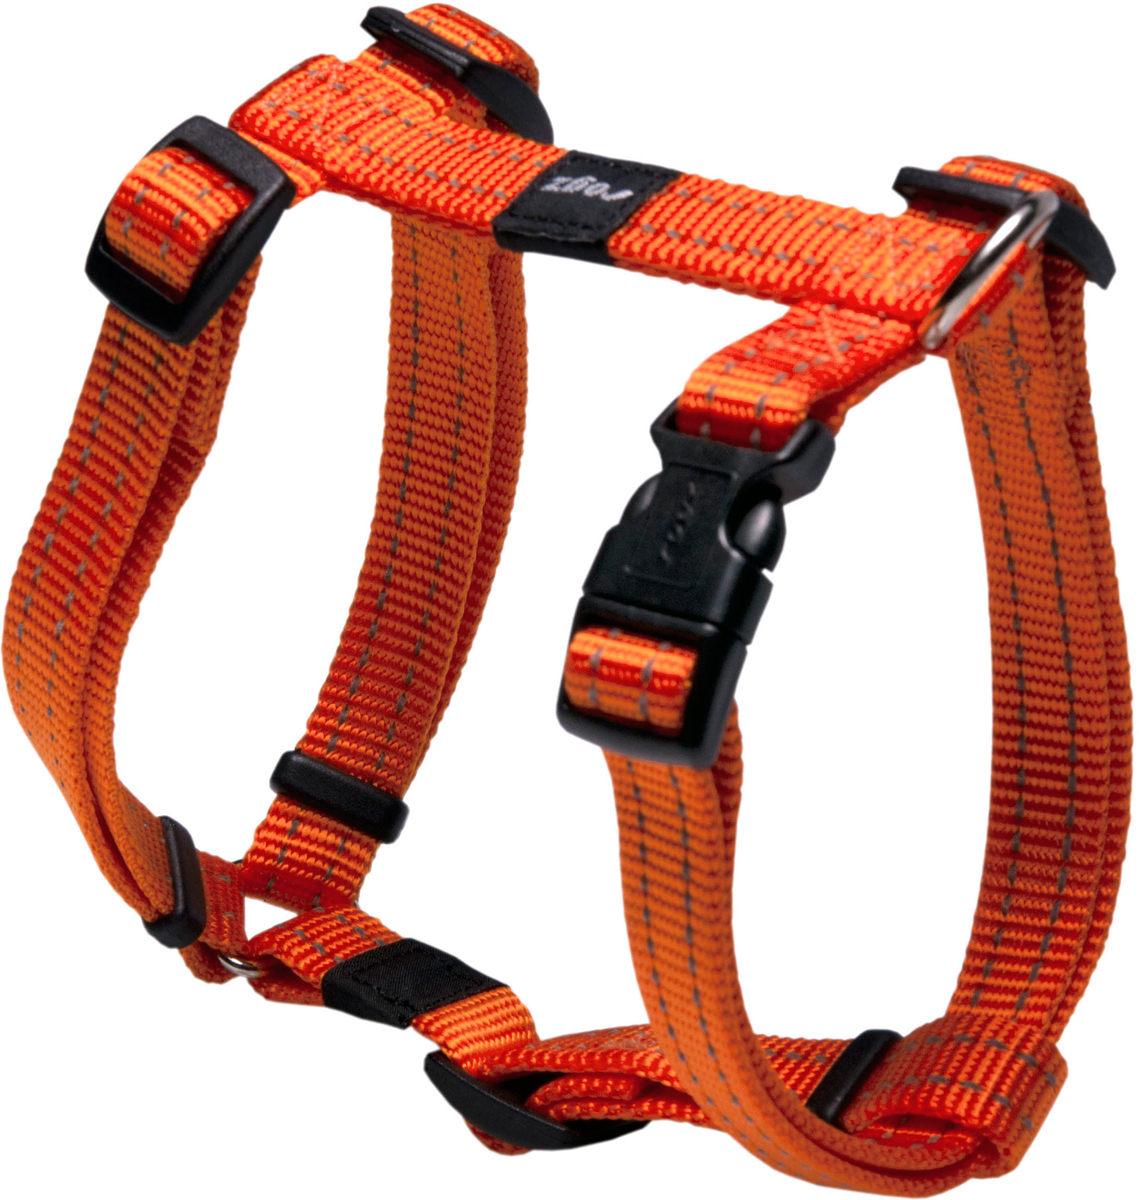 Шлейка для собак Rogz Utility, цвет: оранжевый, ширина 1,6 см. Размер M0120710Шлейка для собак Rogz Utility со светоотражающей нитью, вплетенной в нейлоновую ленту, обеспечивает лучшую видимость собаки в темное время суток. Специальная конструкция пряжки Rog Loc - очень крепкая (система Fort Knox). Замок может быть расстегнут только рукой человека. Технология распределения нагрузки позволяет снизить нагрузку на пряжки, изготовленные из титанового пластика, с помощью правильного и разумного расположения грузовых колец, благодаря чему, даже при самых сильных рывках, изделие не рвется и не деформируется.Выполненные специально по заказу ROGZ литые кольца гальванически хромированы, что позволяет избежать коррозии и потускнения изделия.